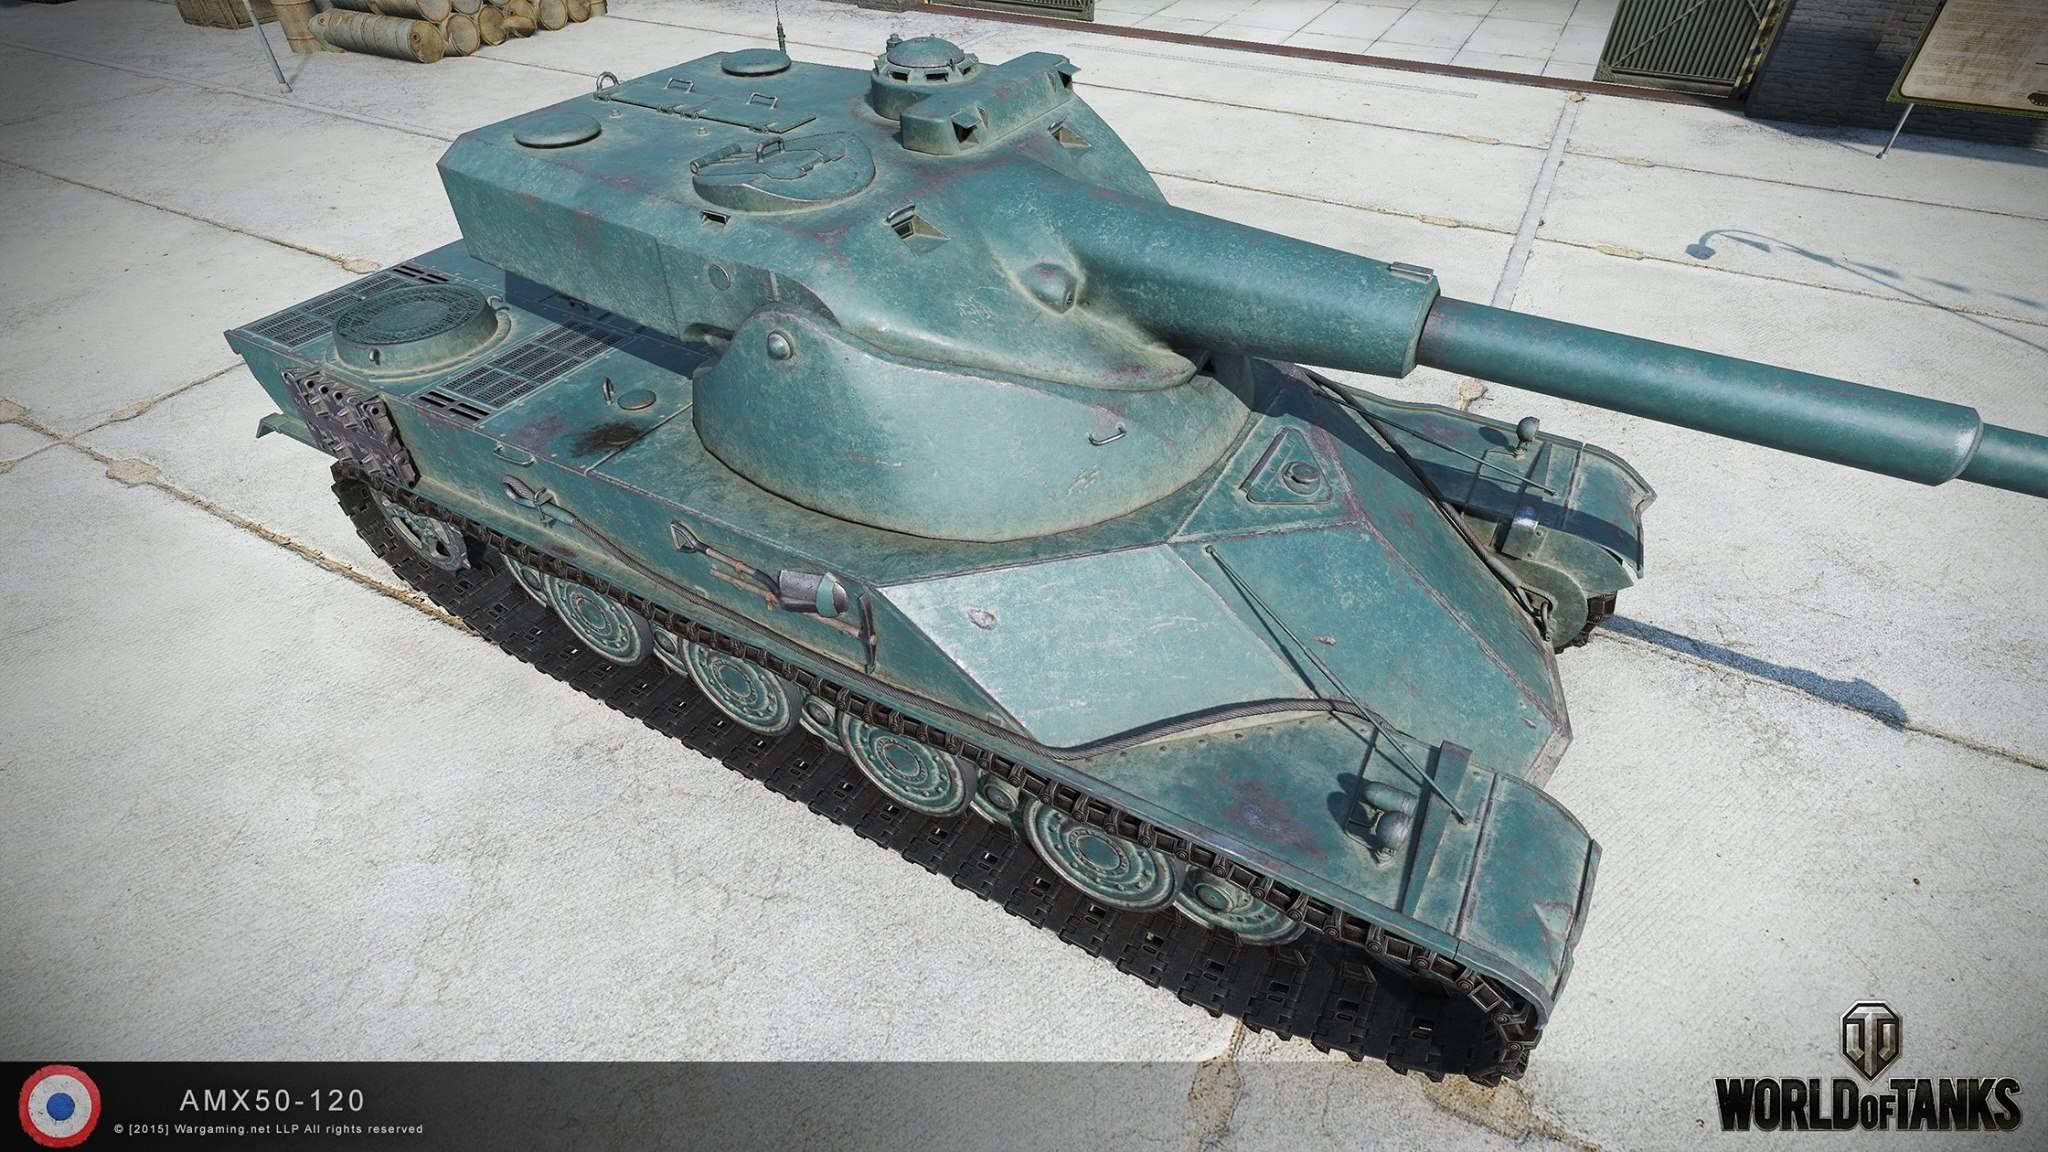 T-21, AMX 12t tier 7 : T-71, AMX 1375 tier 8 : AMX 1390 (le seul char de tier8 light, et aussi le plus haut tier des lights ) le matchmaking.